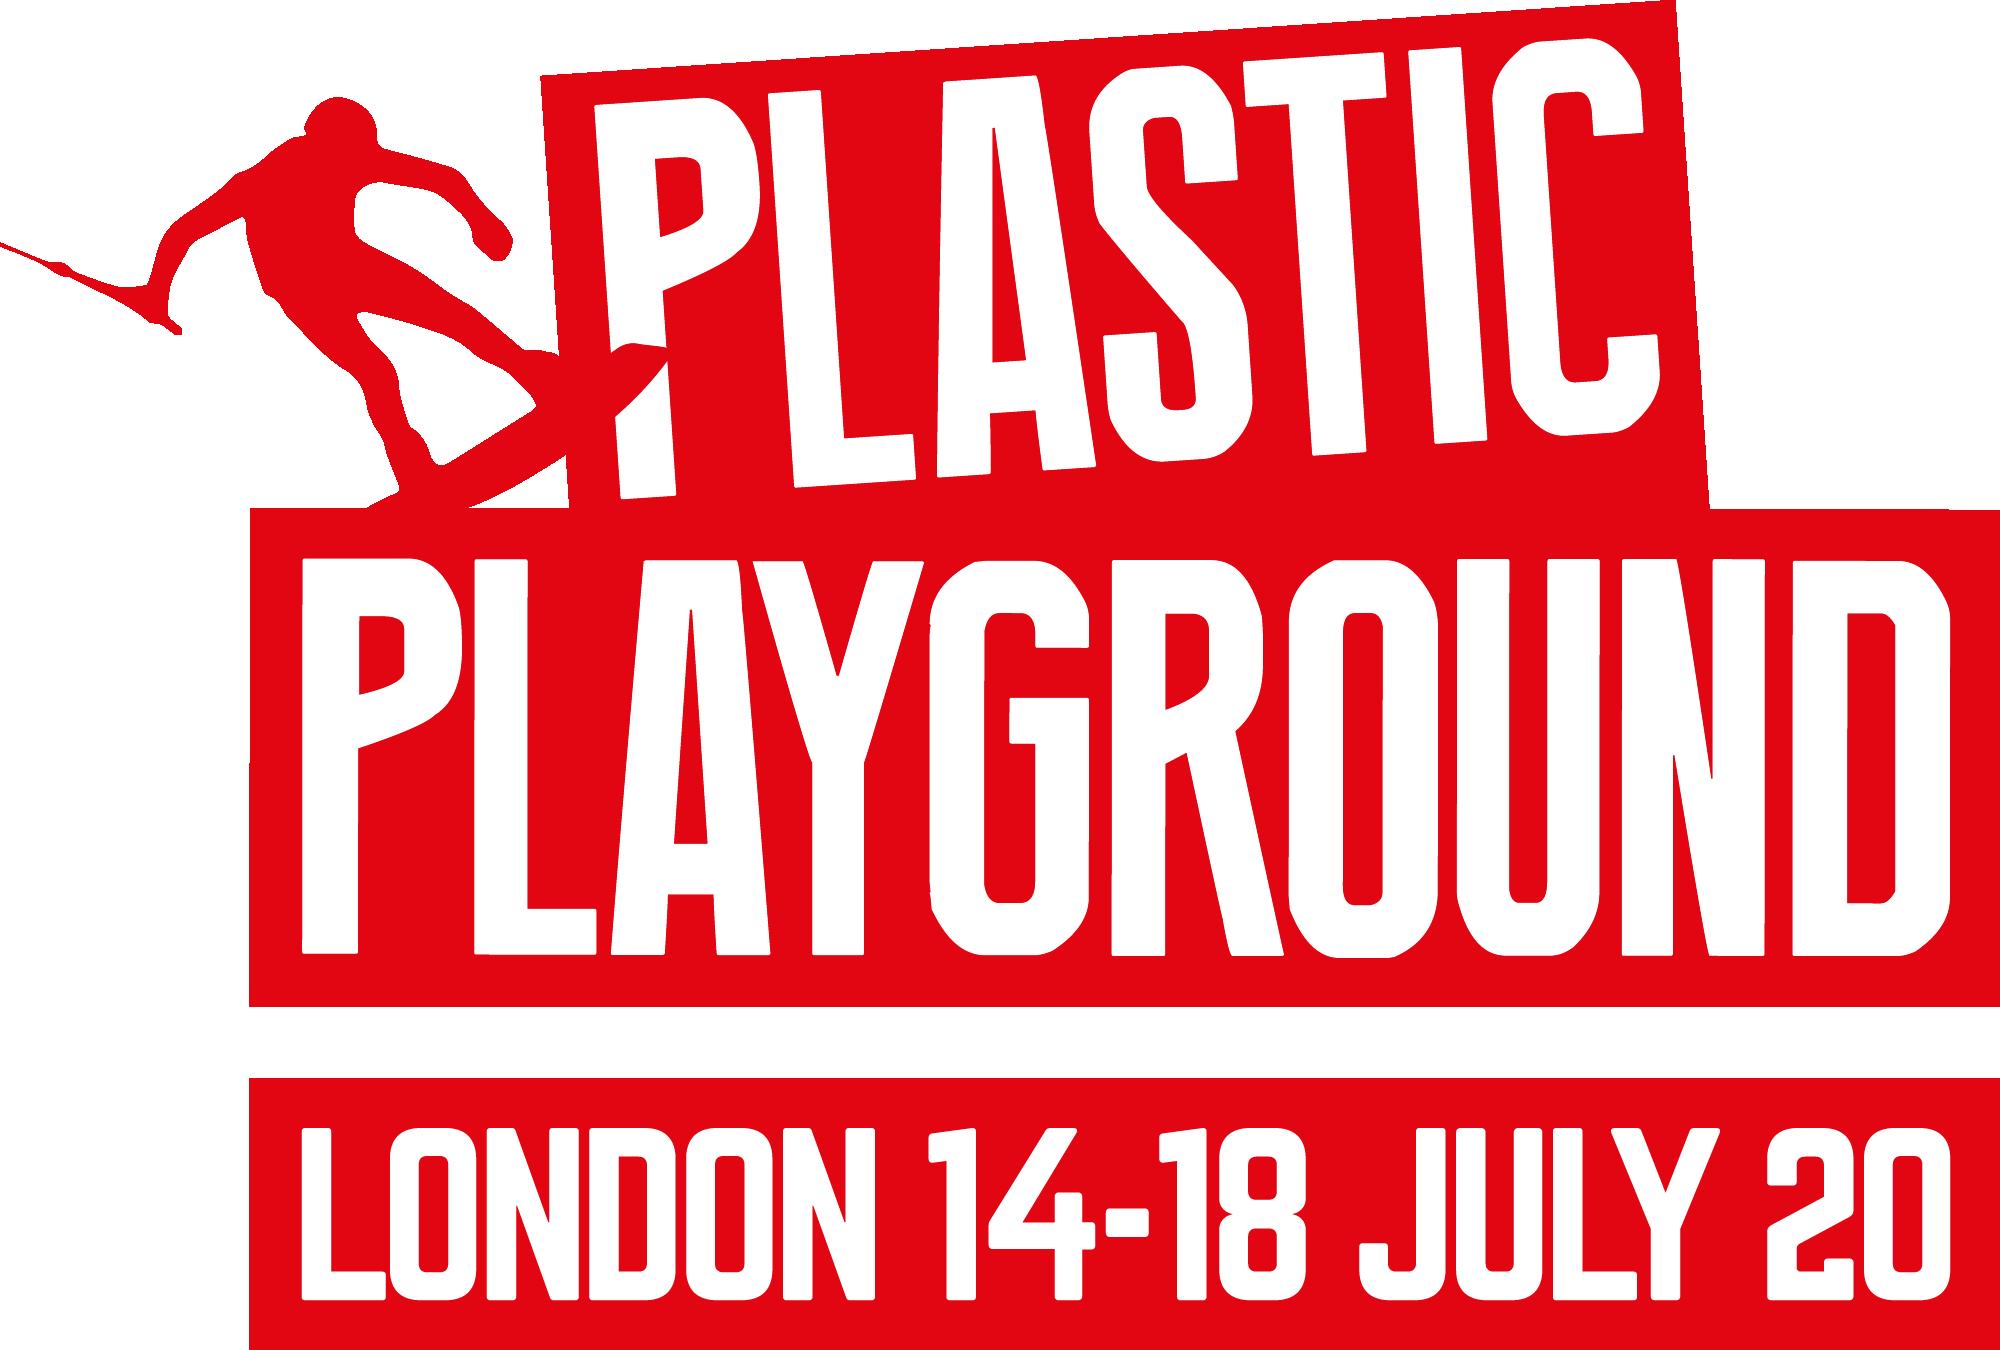 Plastic Playground